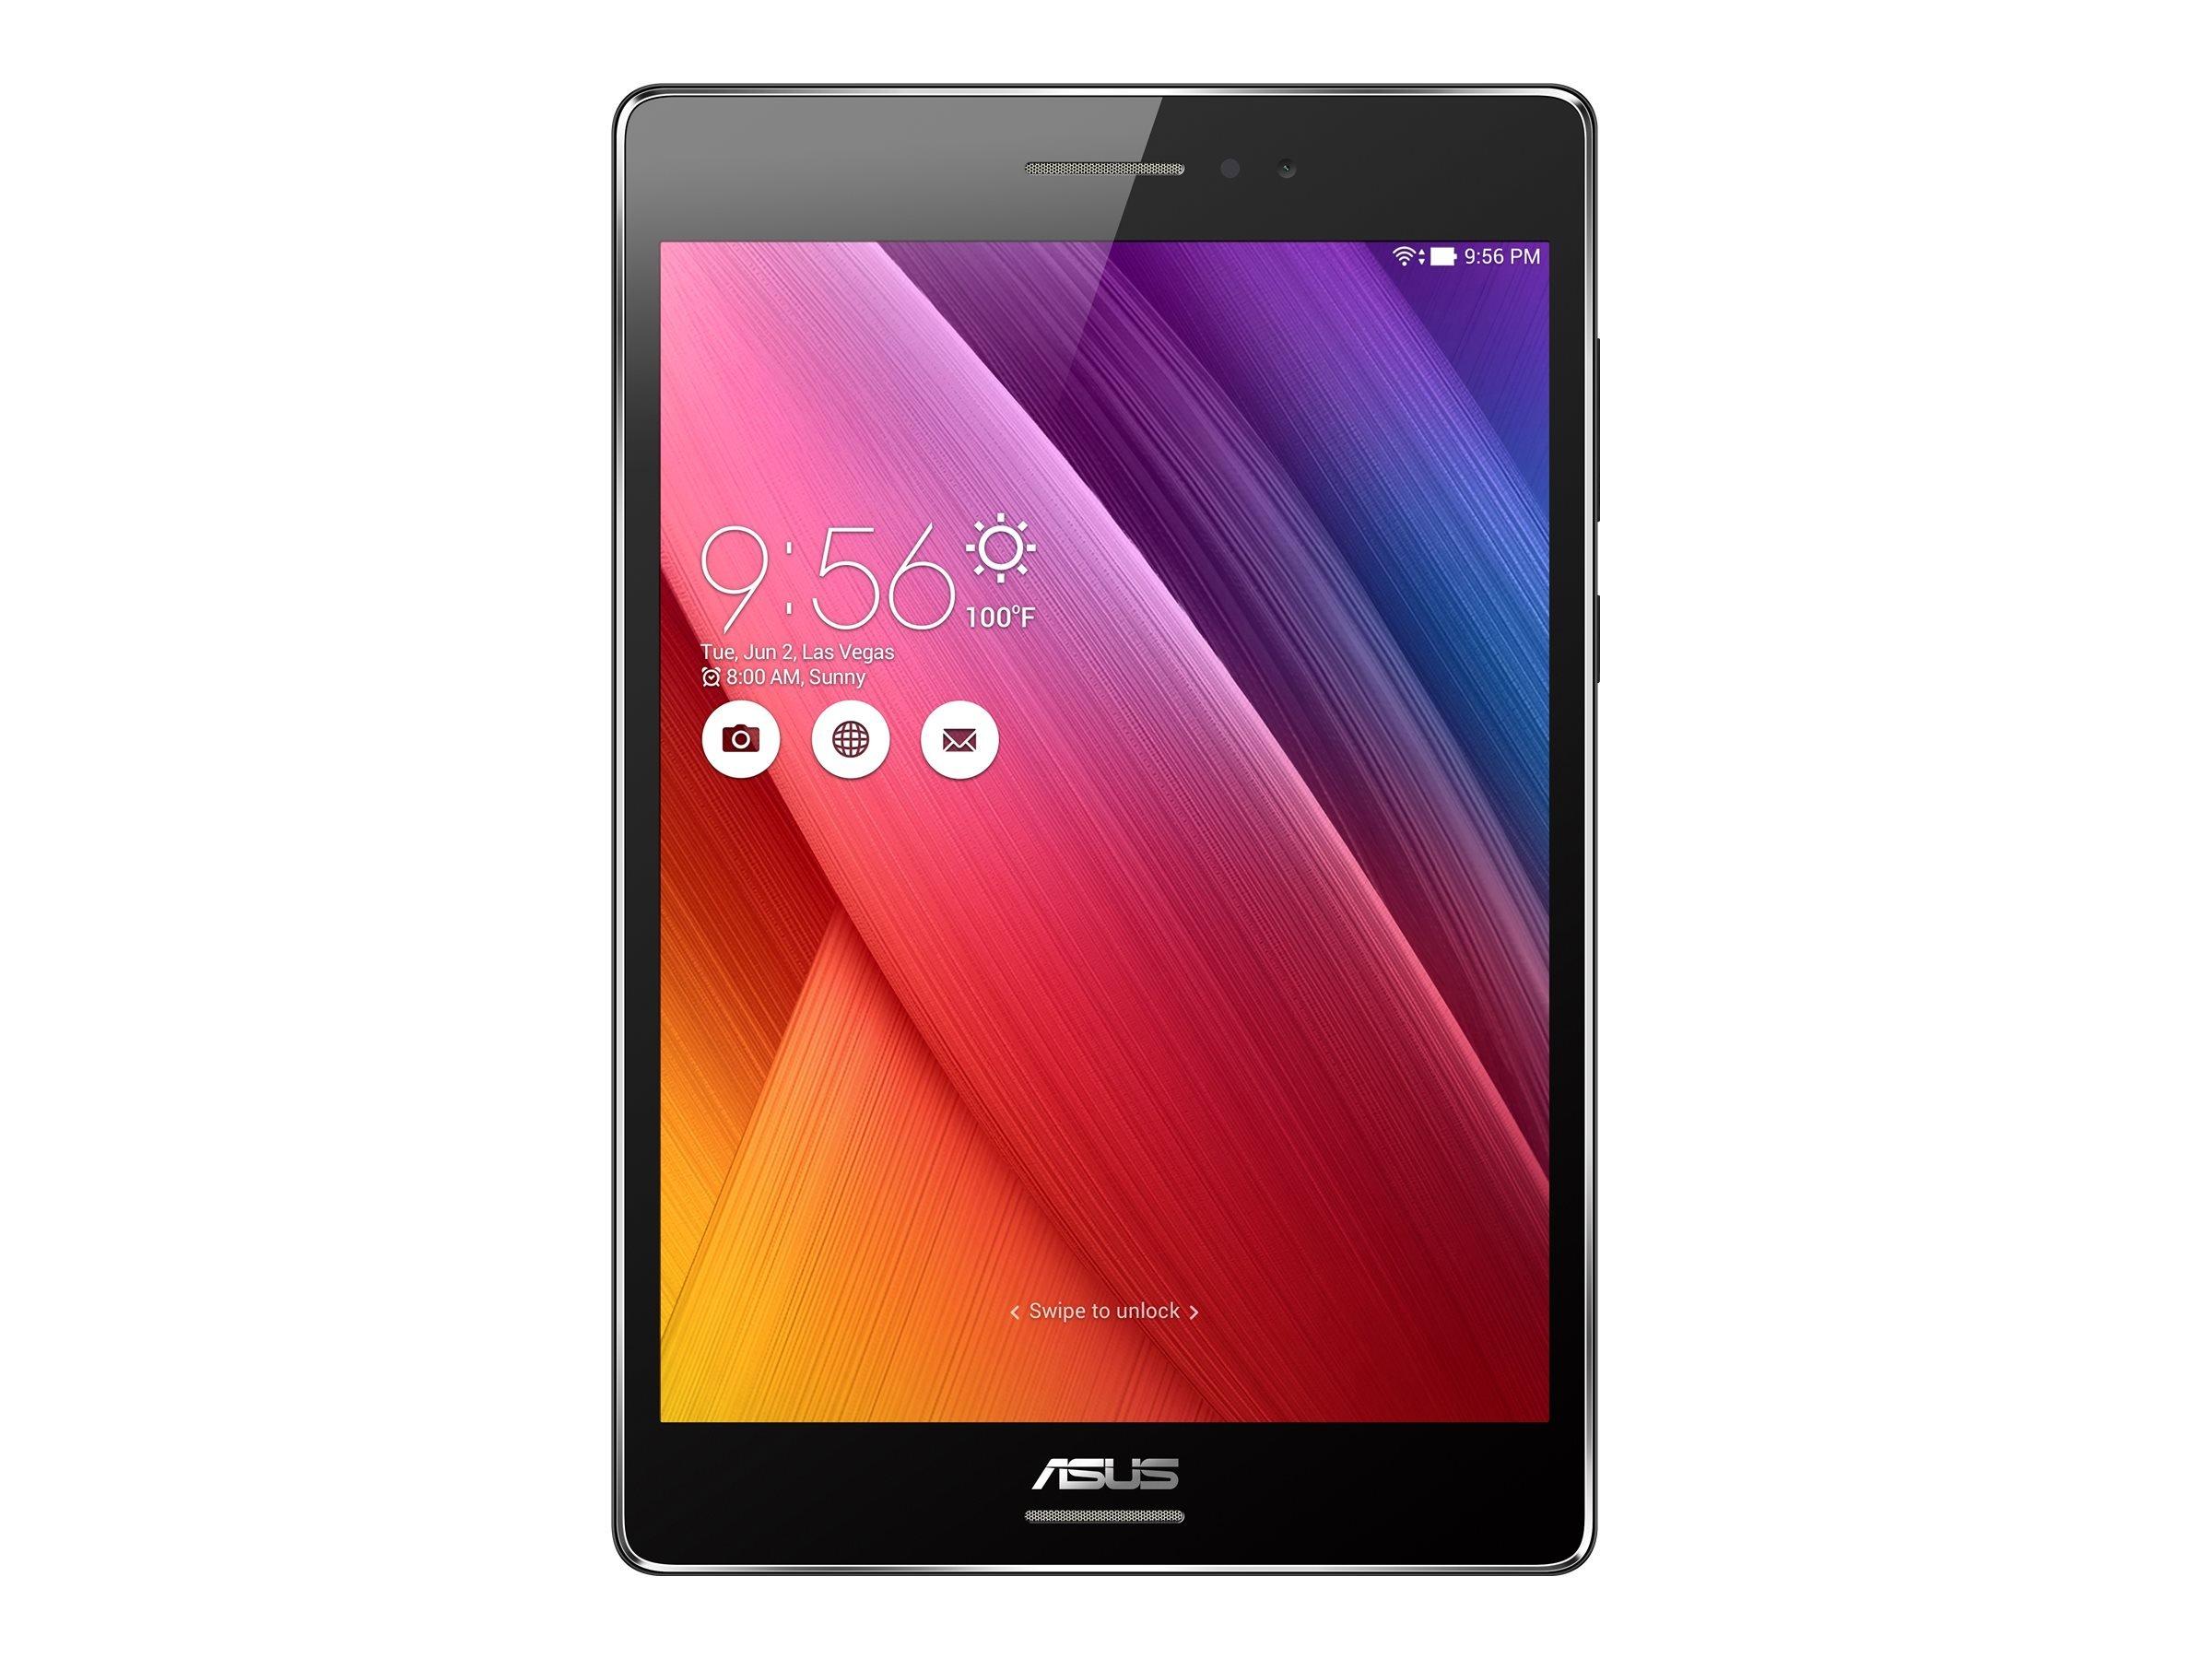 ASUS ZenPad S8 8'' (2048x1536) 32GB Black Tablet - Z580C-B1-BK